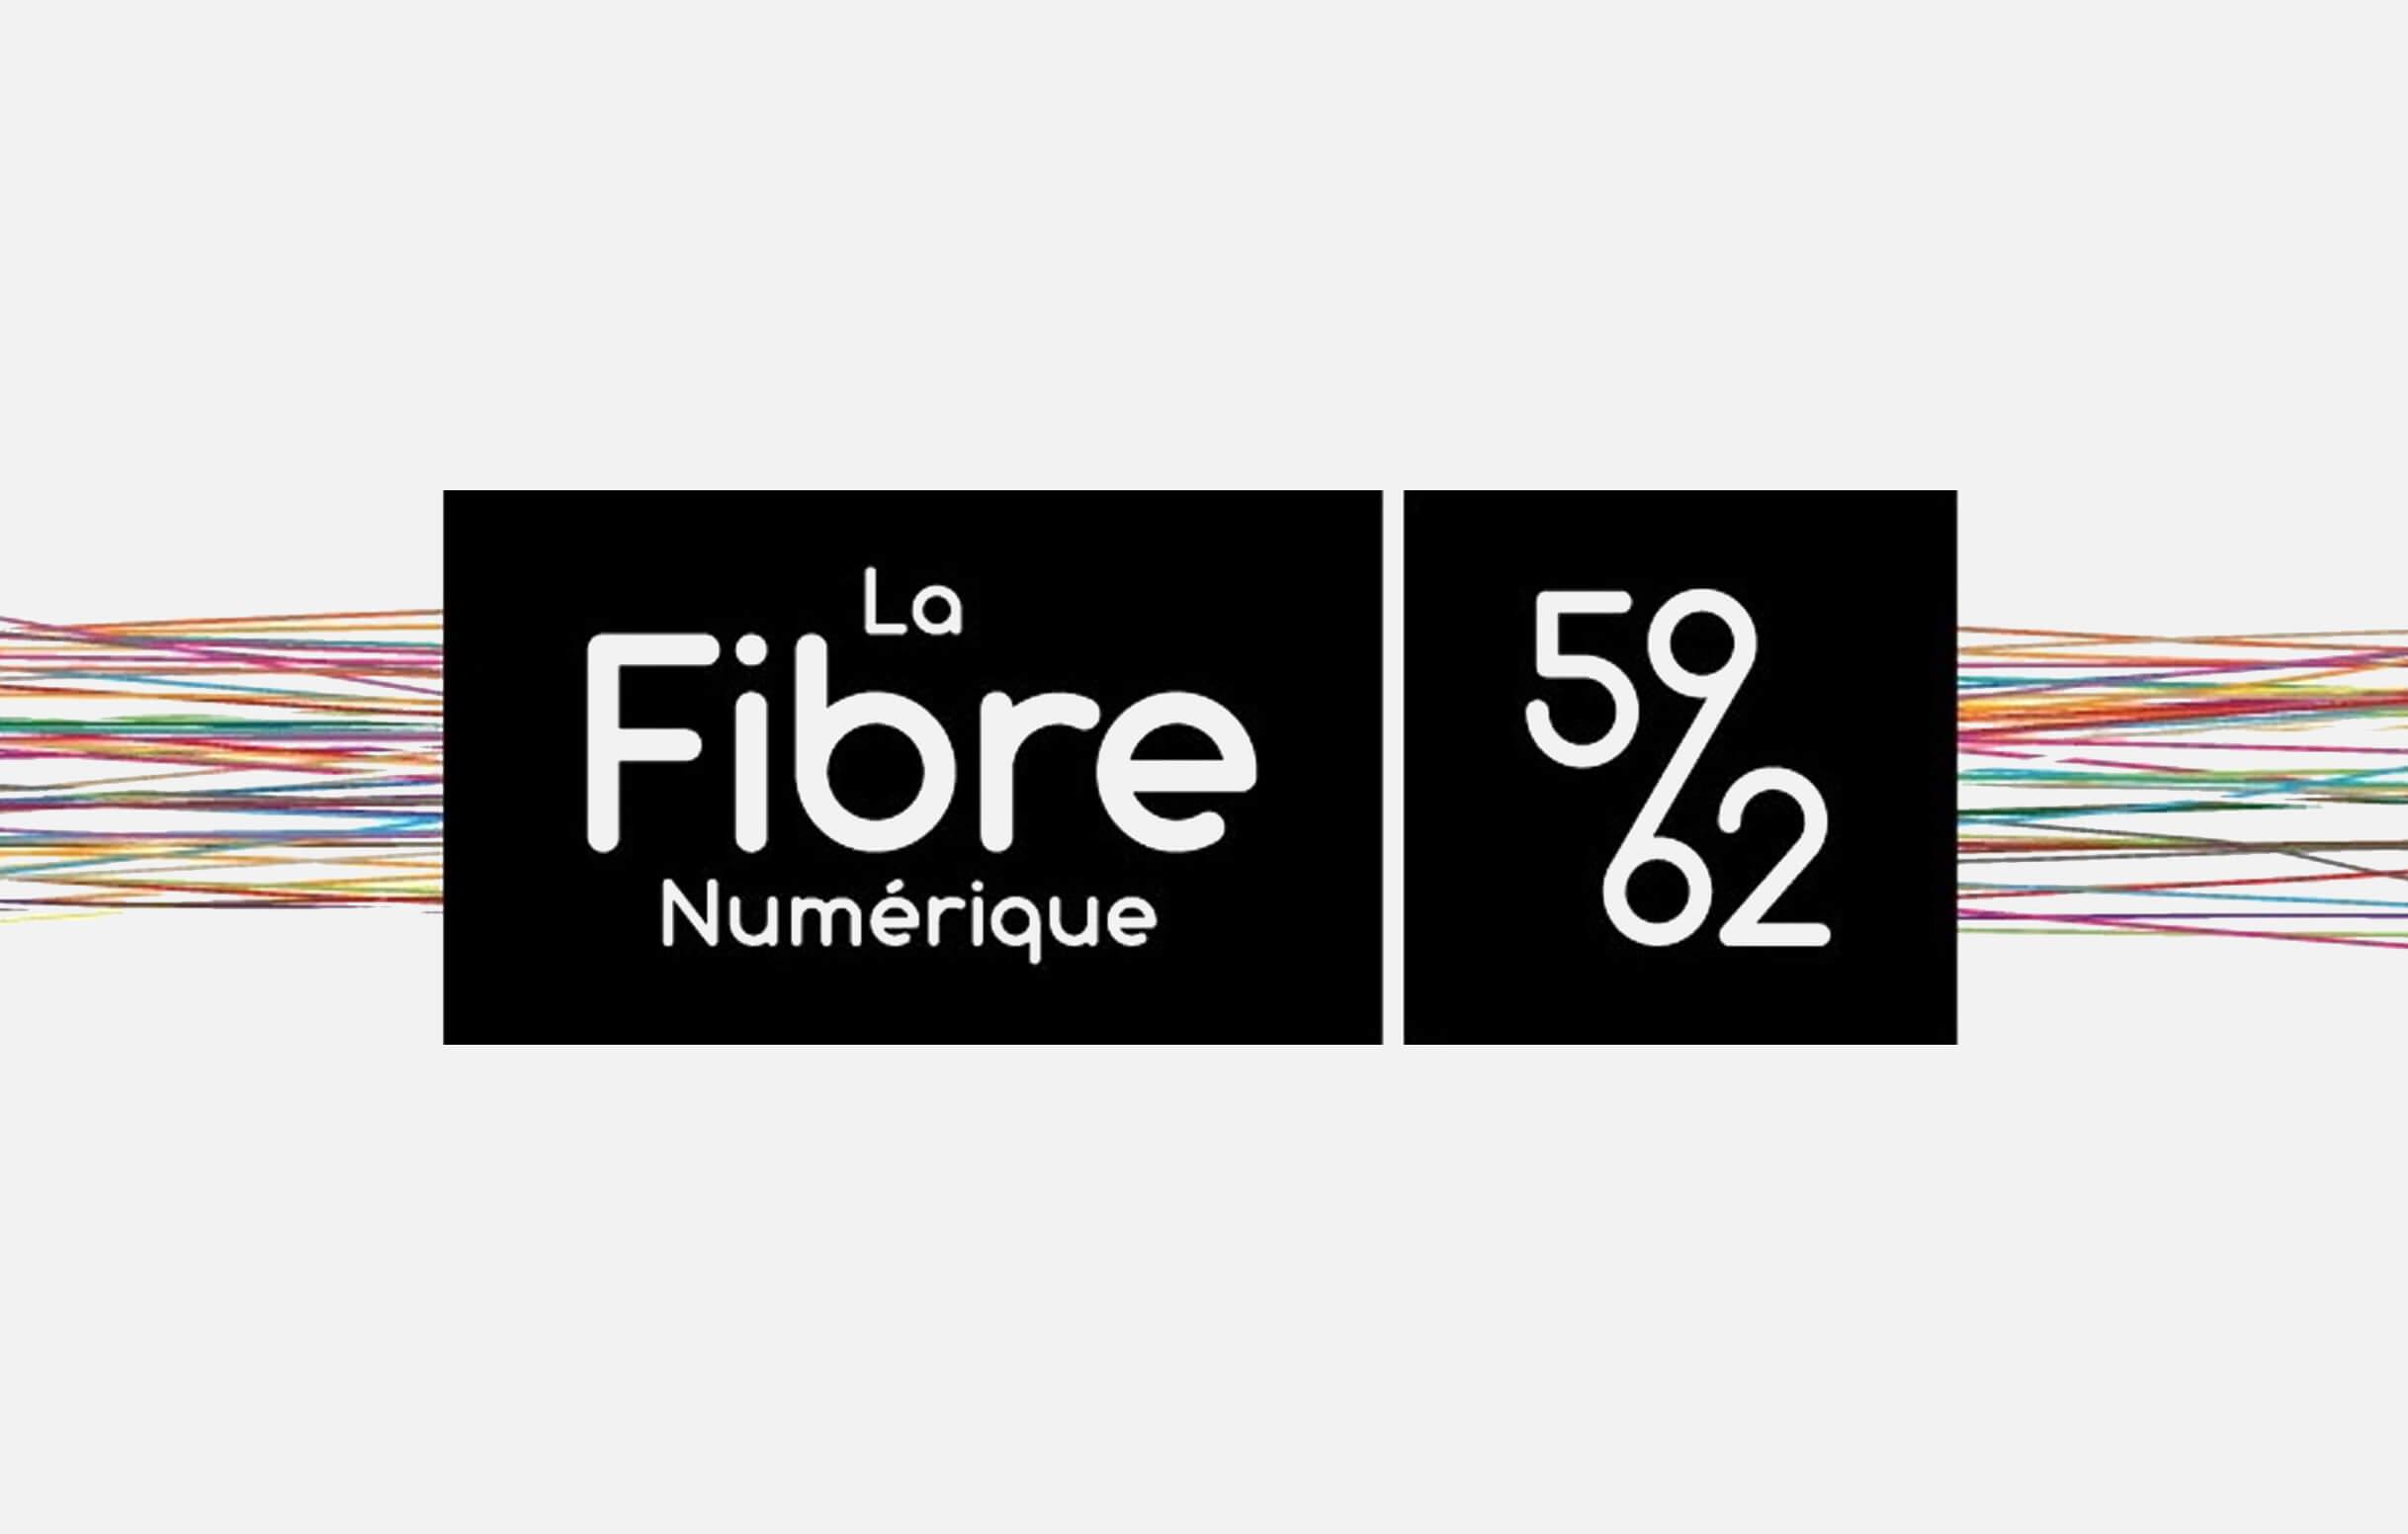 SMO-fibre-numerique-59-62